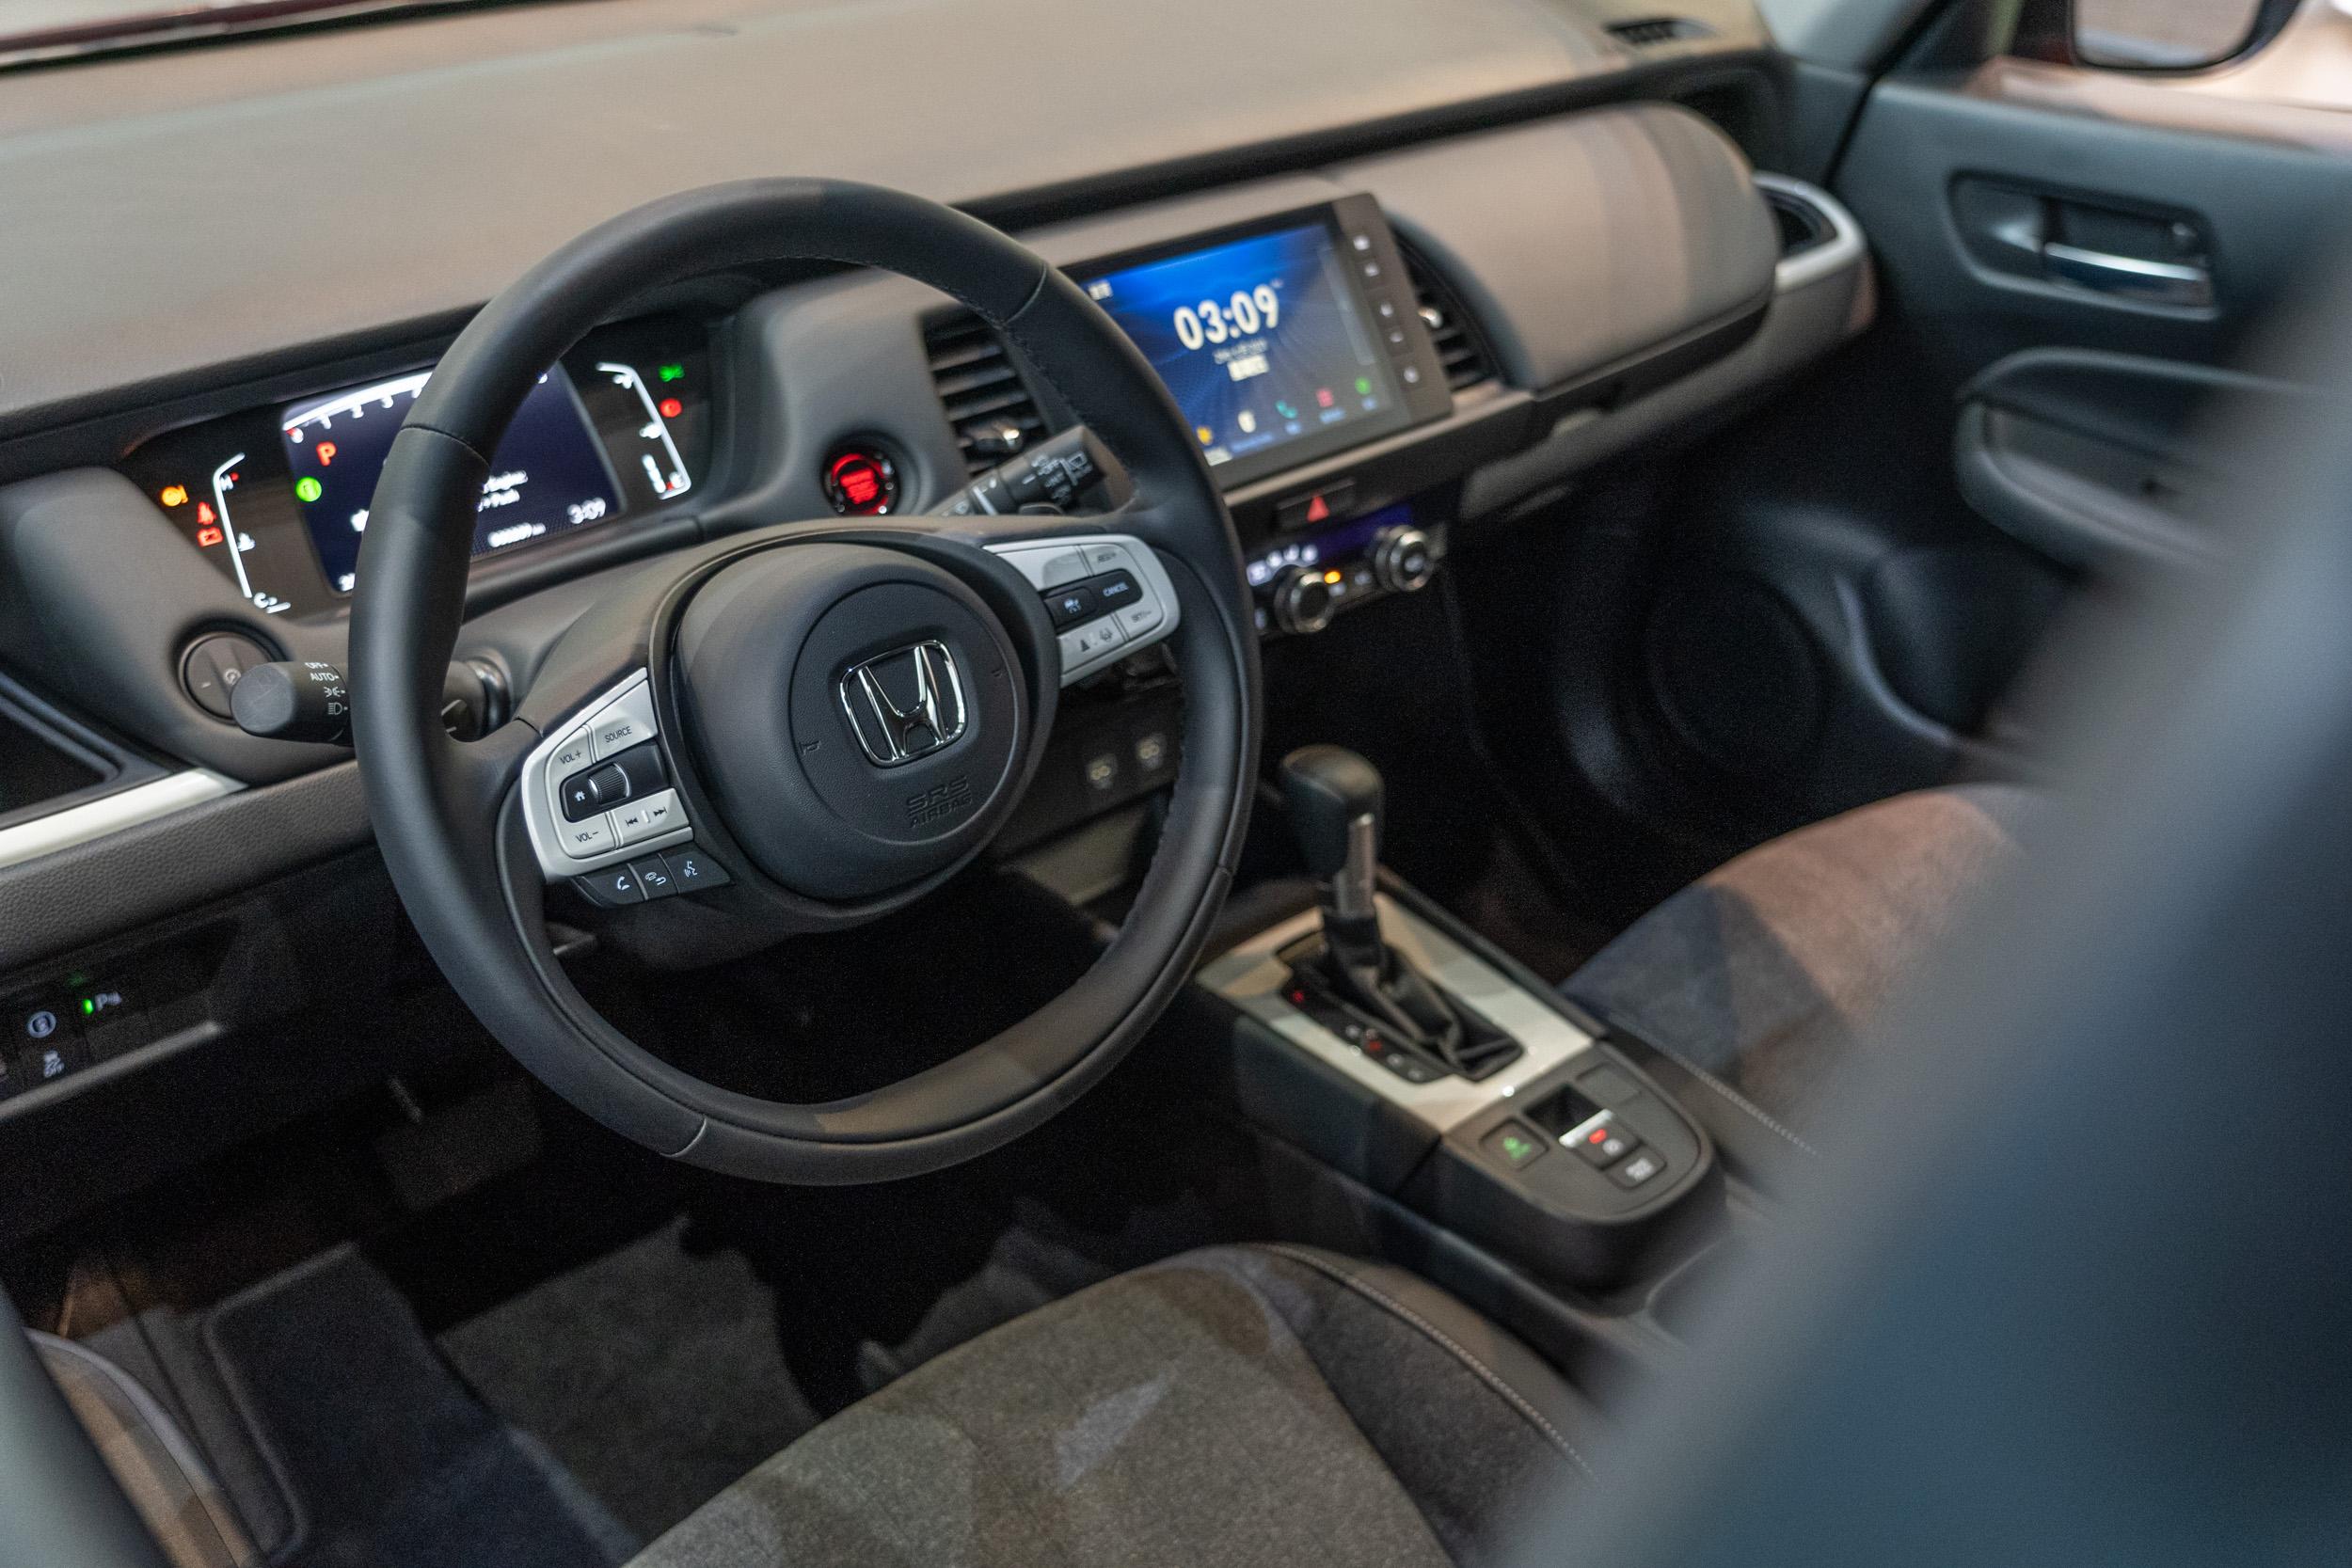 導入Honda e電動車概念設計的雙輻造型方向盤,採用真皮包覆,並有多功能操控介面。